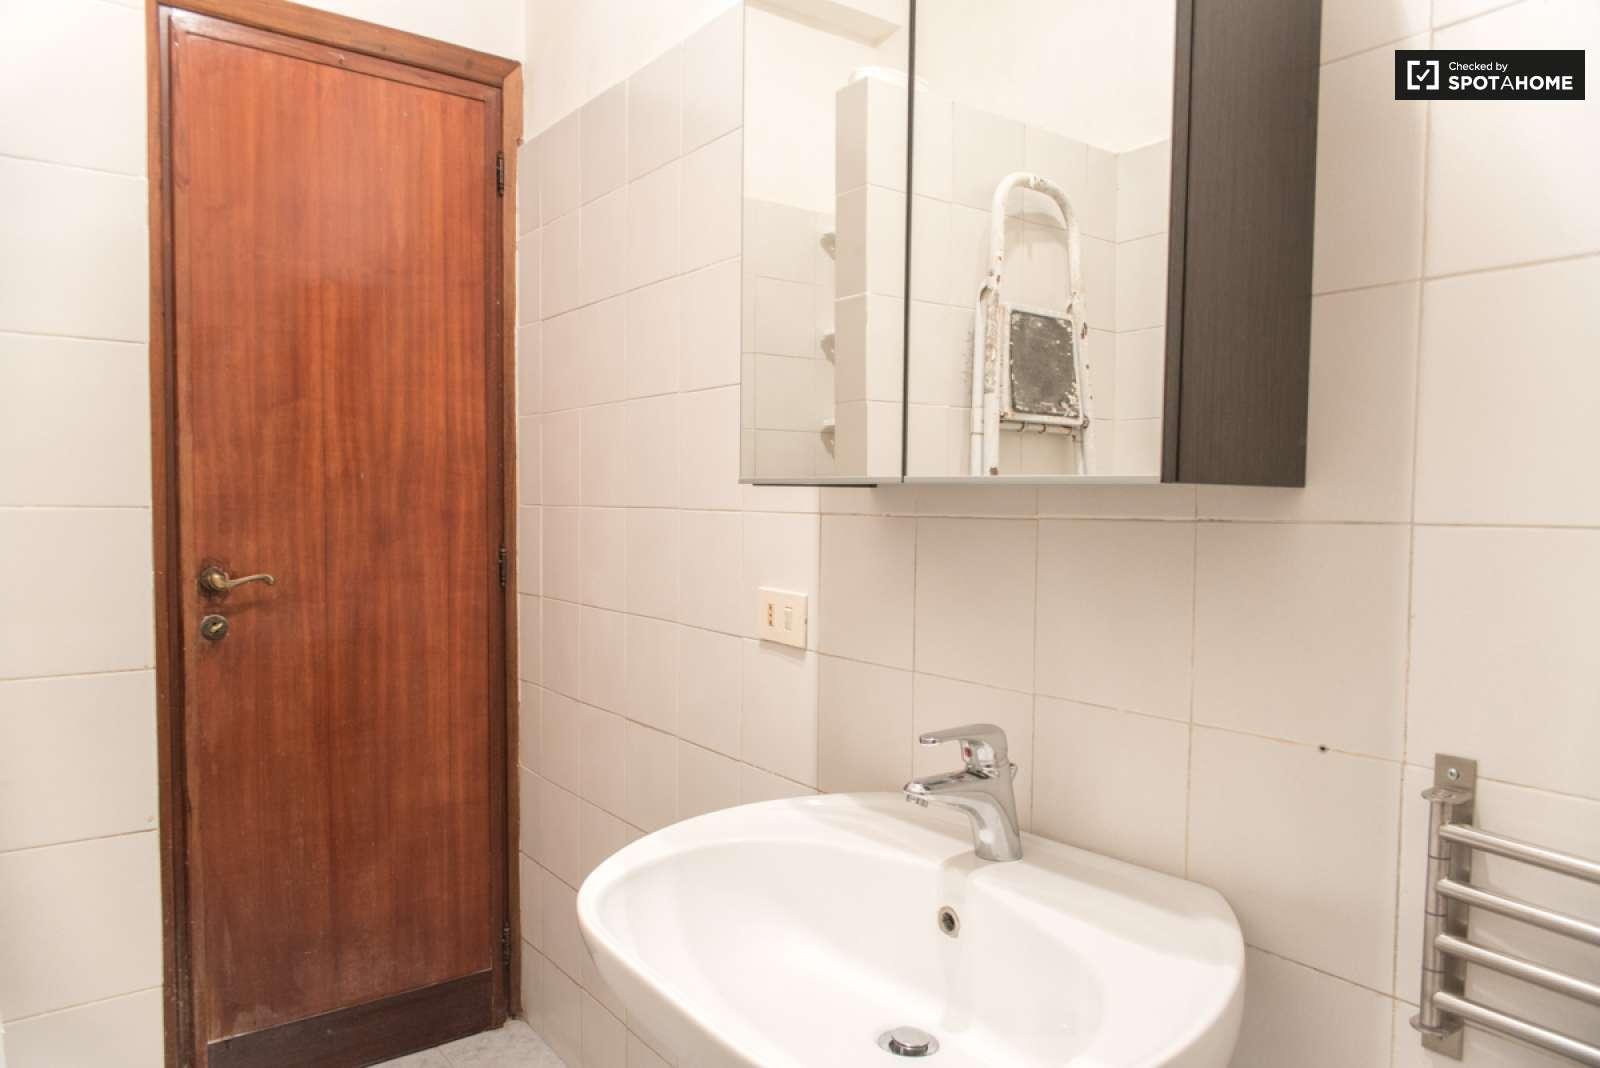 Stanza Spaziosa In Un Appartamento Di 5 Locali